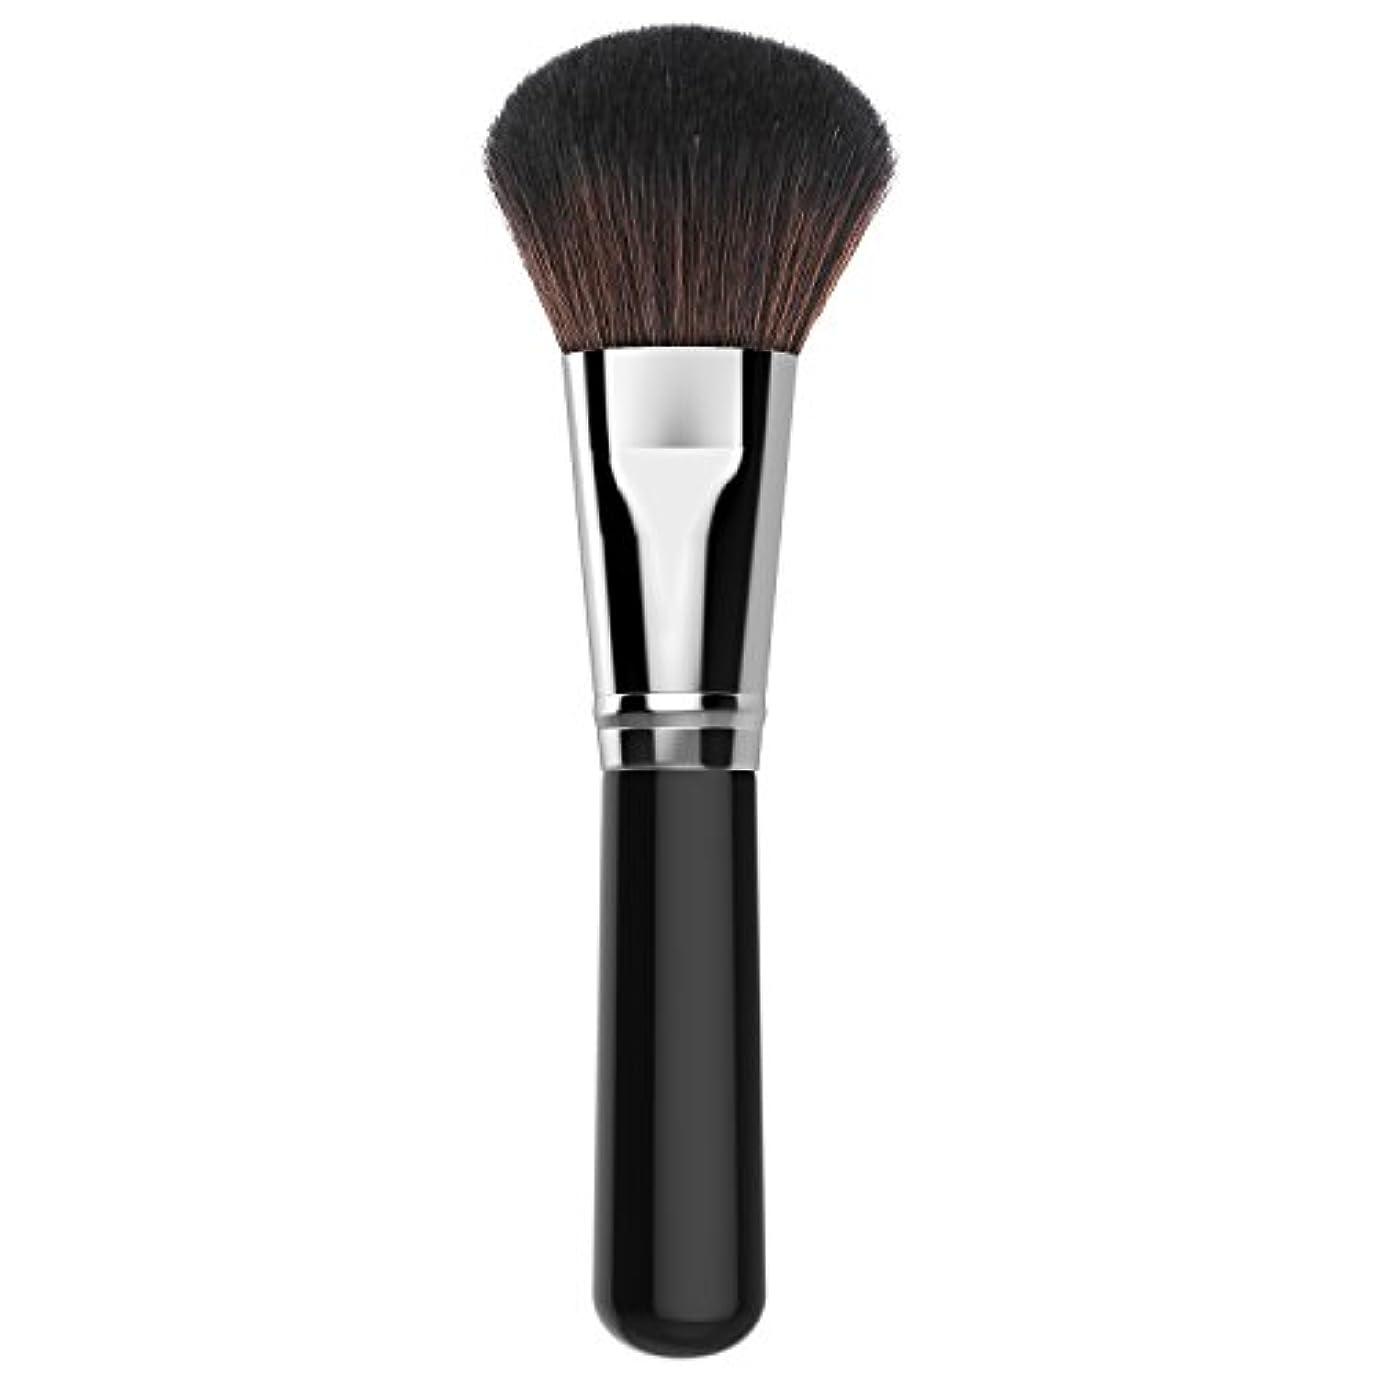 ファンデーションブラシ - Luxspire メイクブラシ 化粧筆 コスメブラシ 繊細な人工毛 毛質やわらかい 肌に優しい - Silver